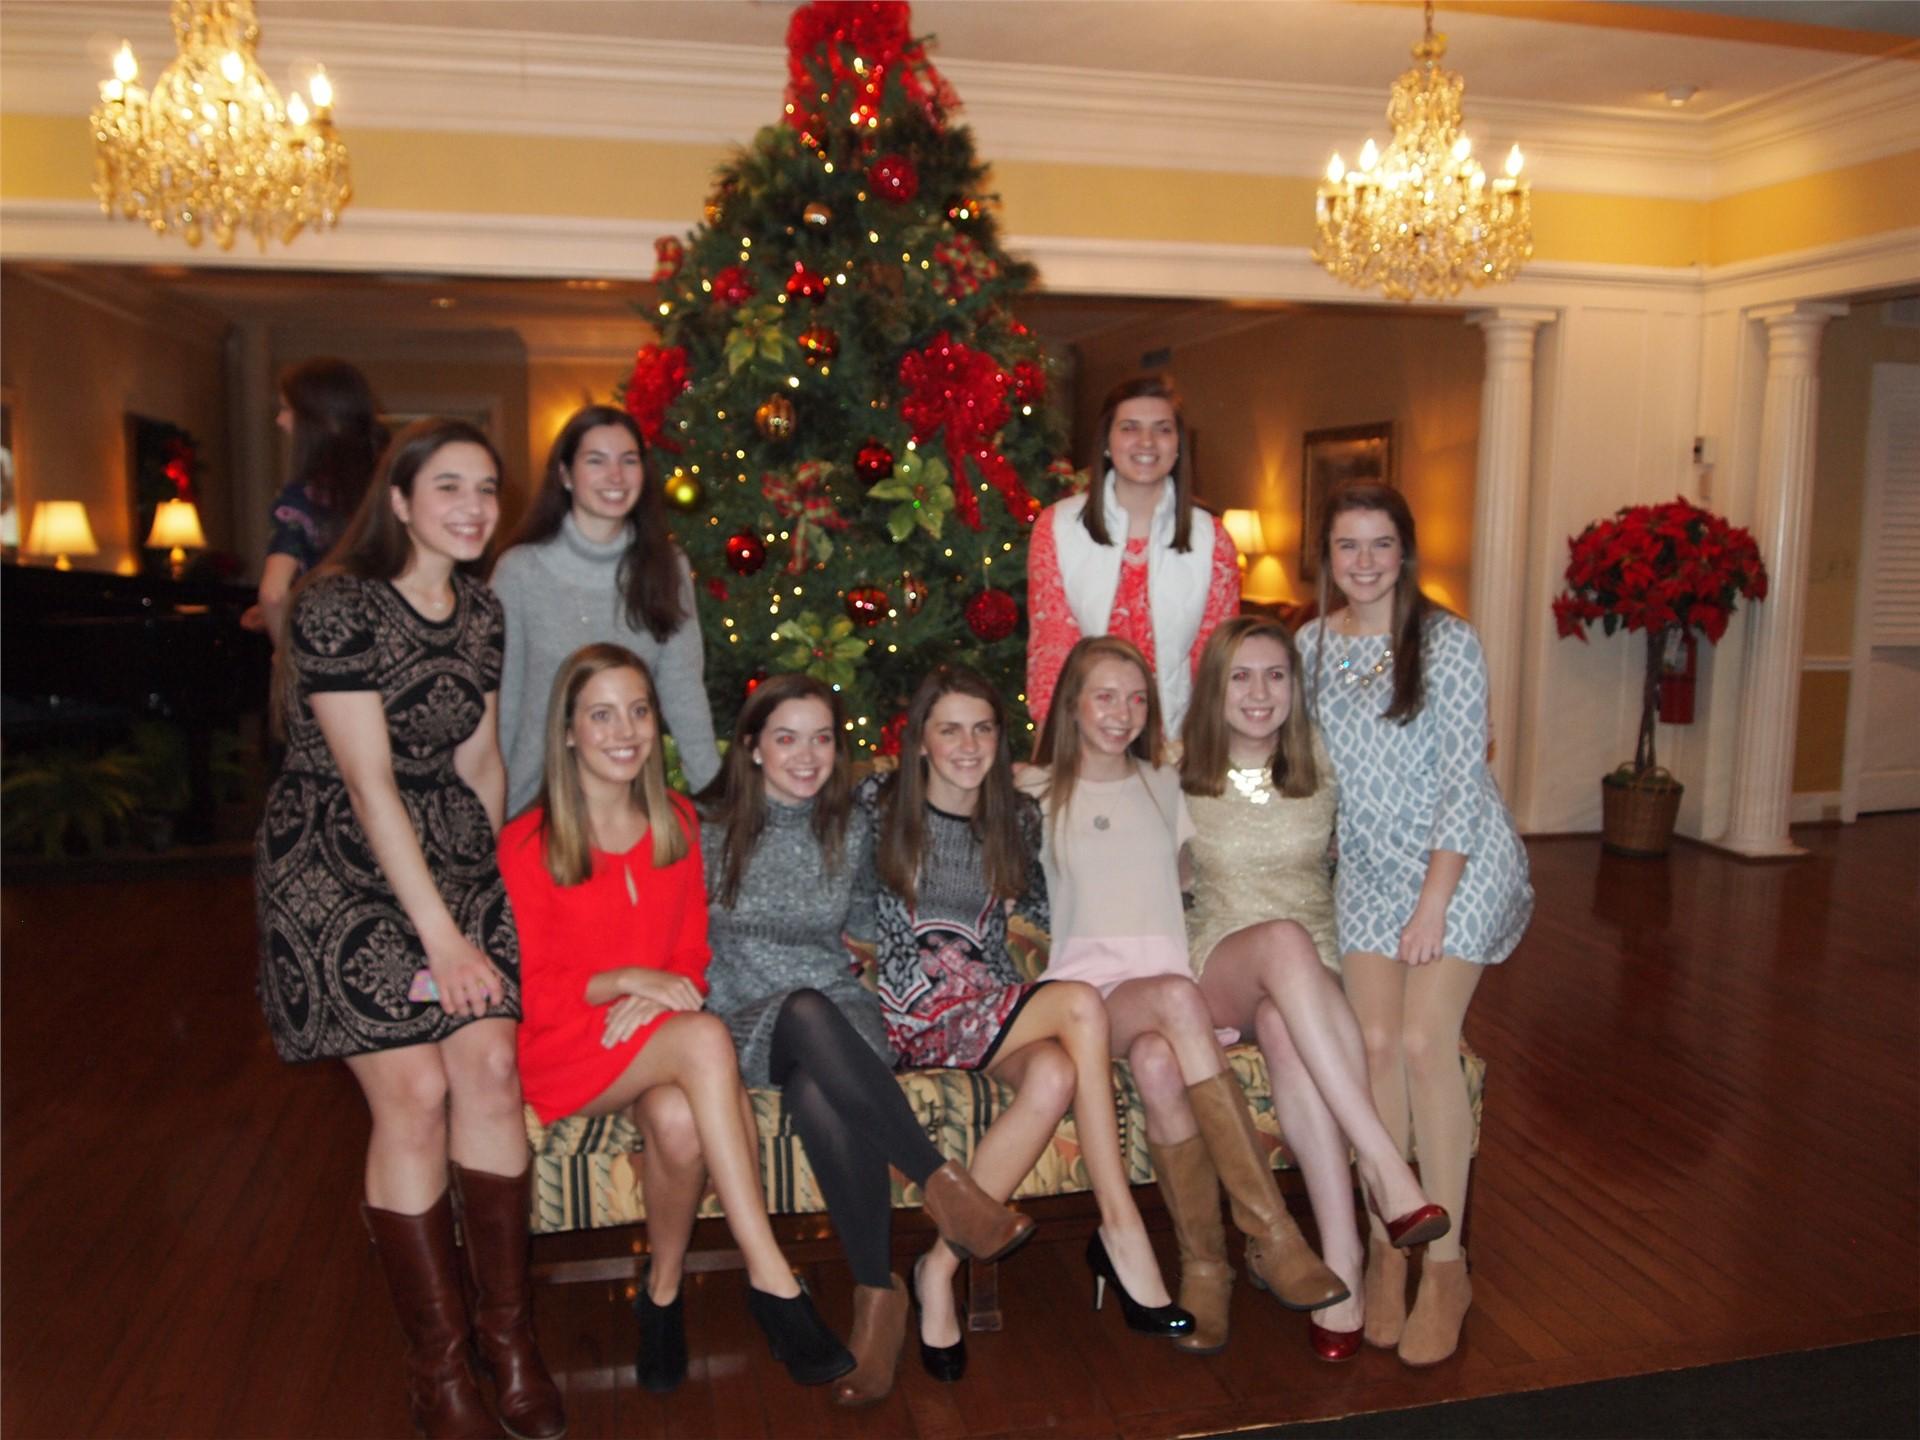 Enjoying the Christmas season at the Senior Christmas Luncheon